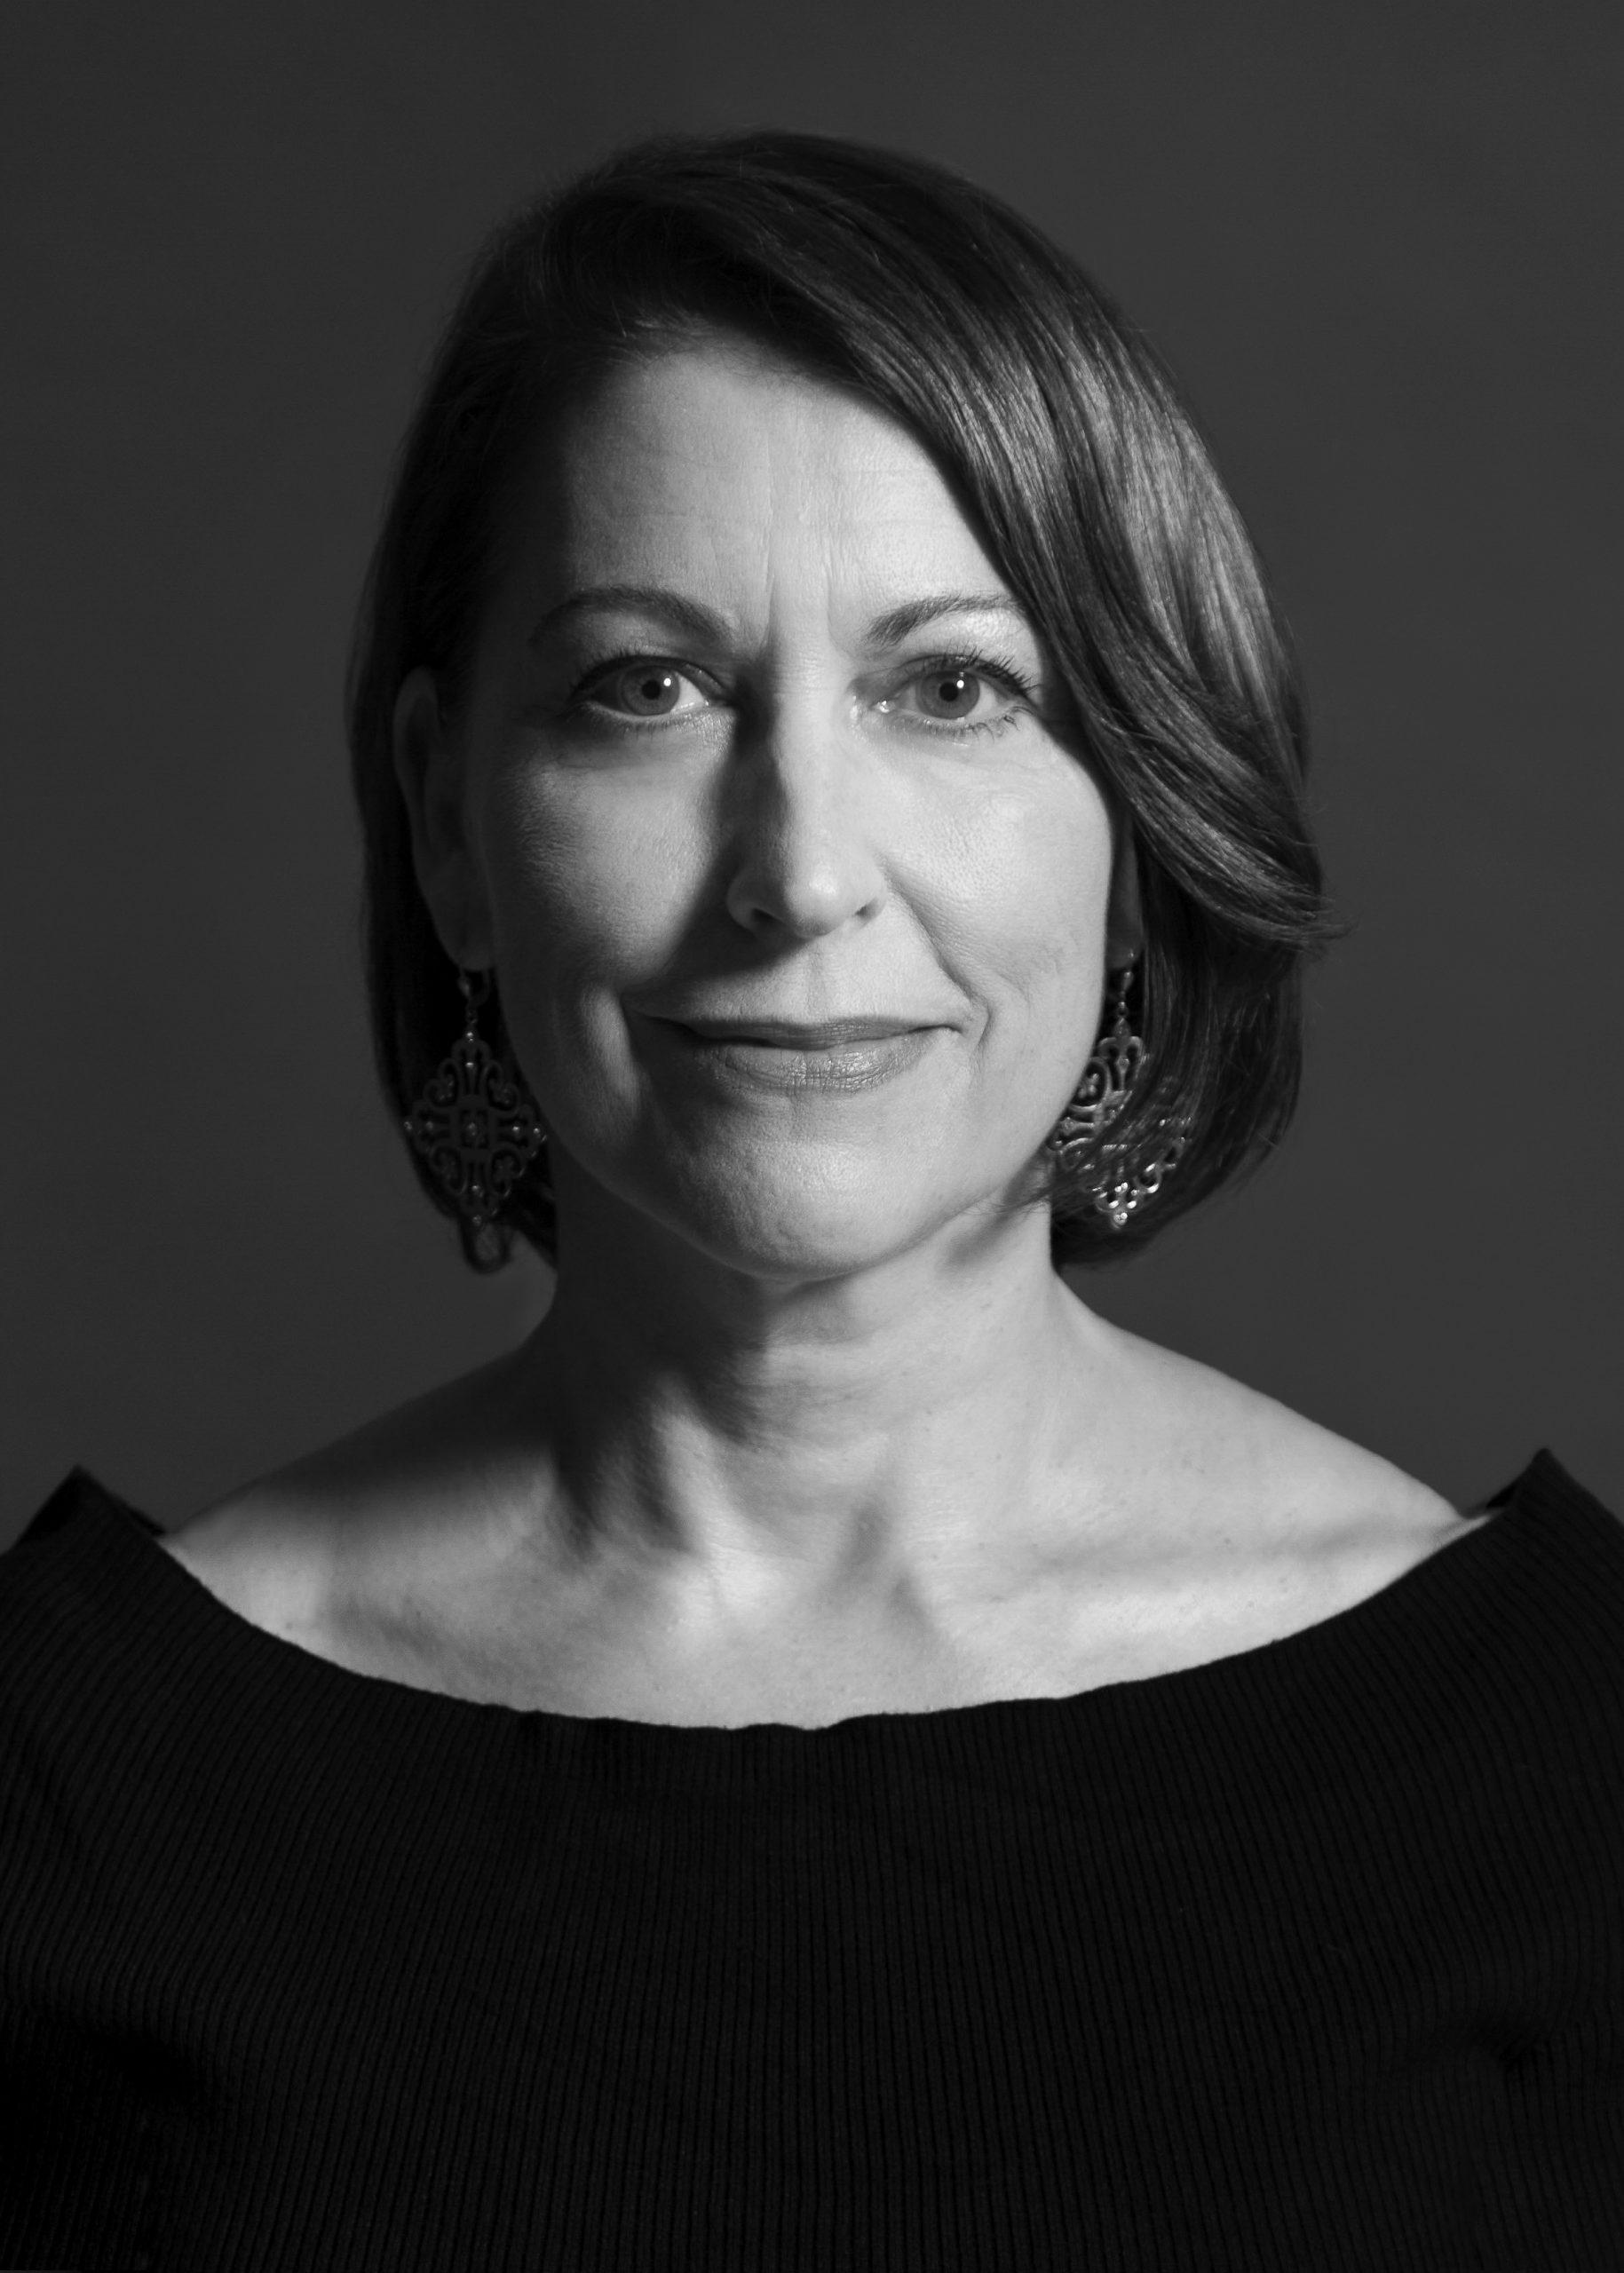 Lisa Andrea Thurrell